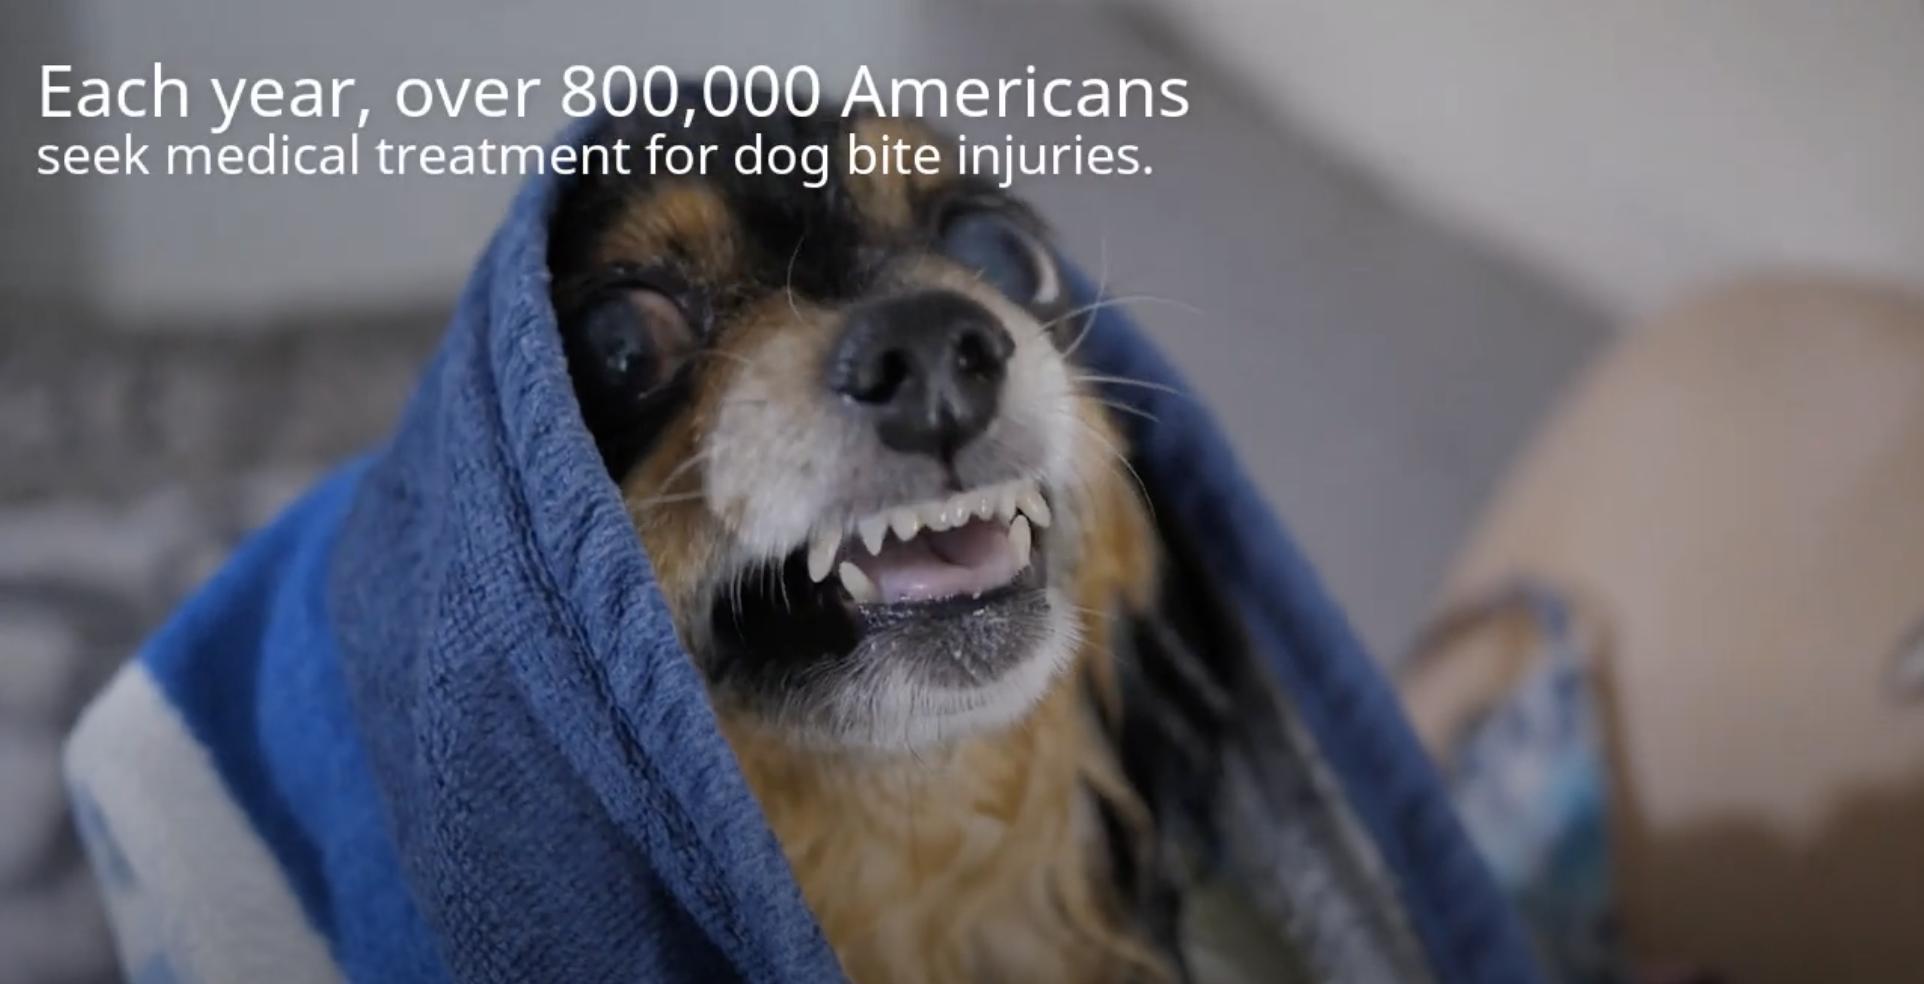 dog bite injury video thumbnail